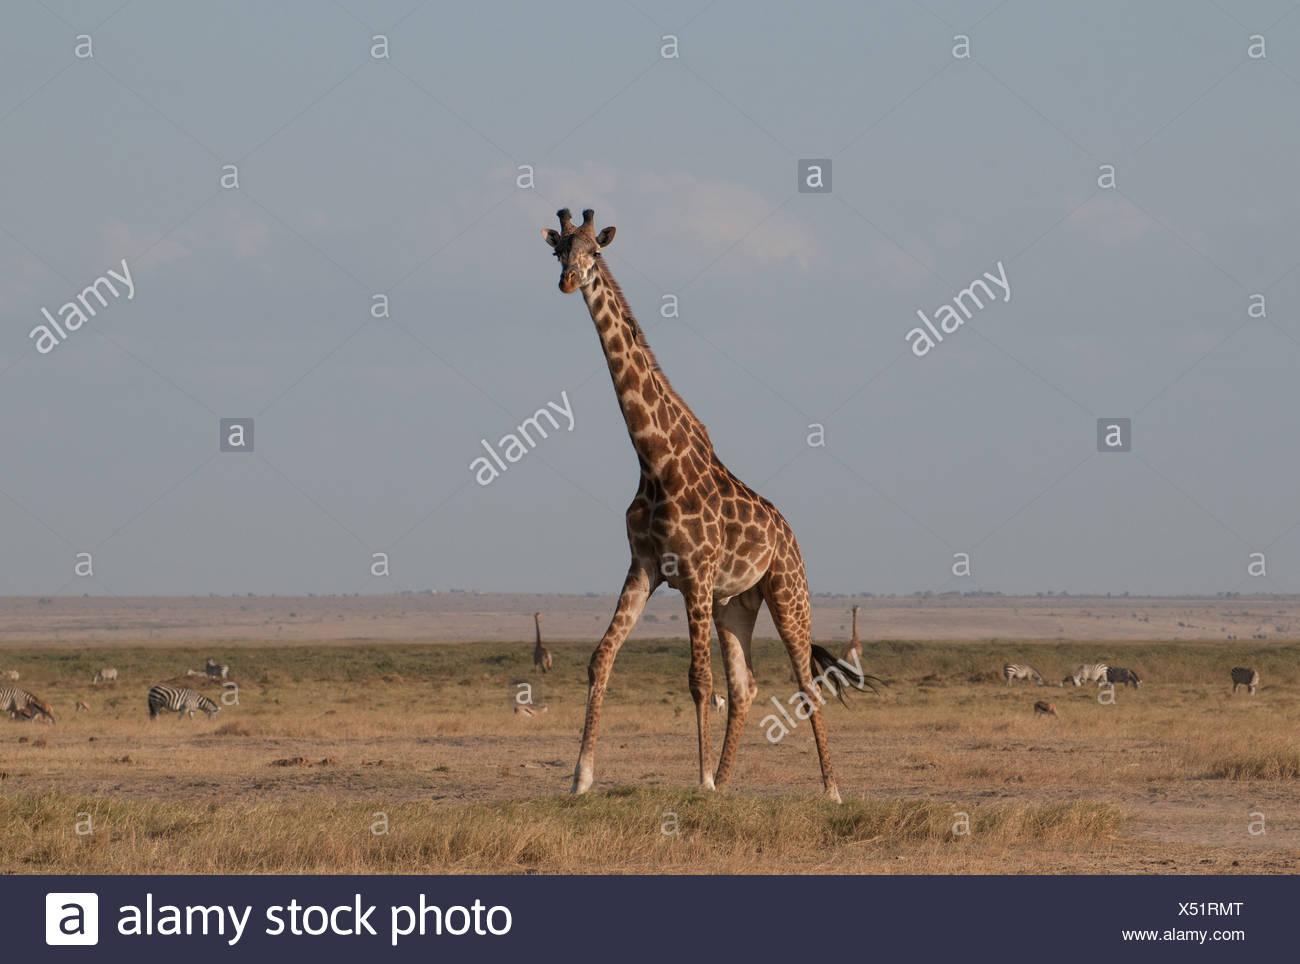 Common Giraffe in Amboseli National Park Kenya East Africa - Stock Image